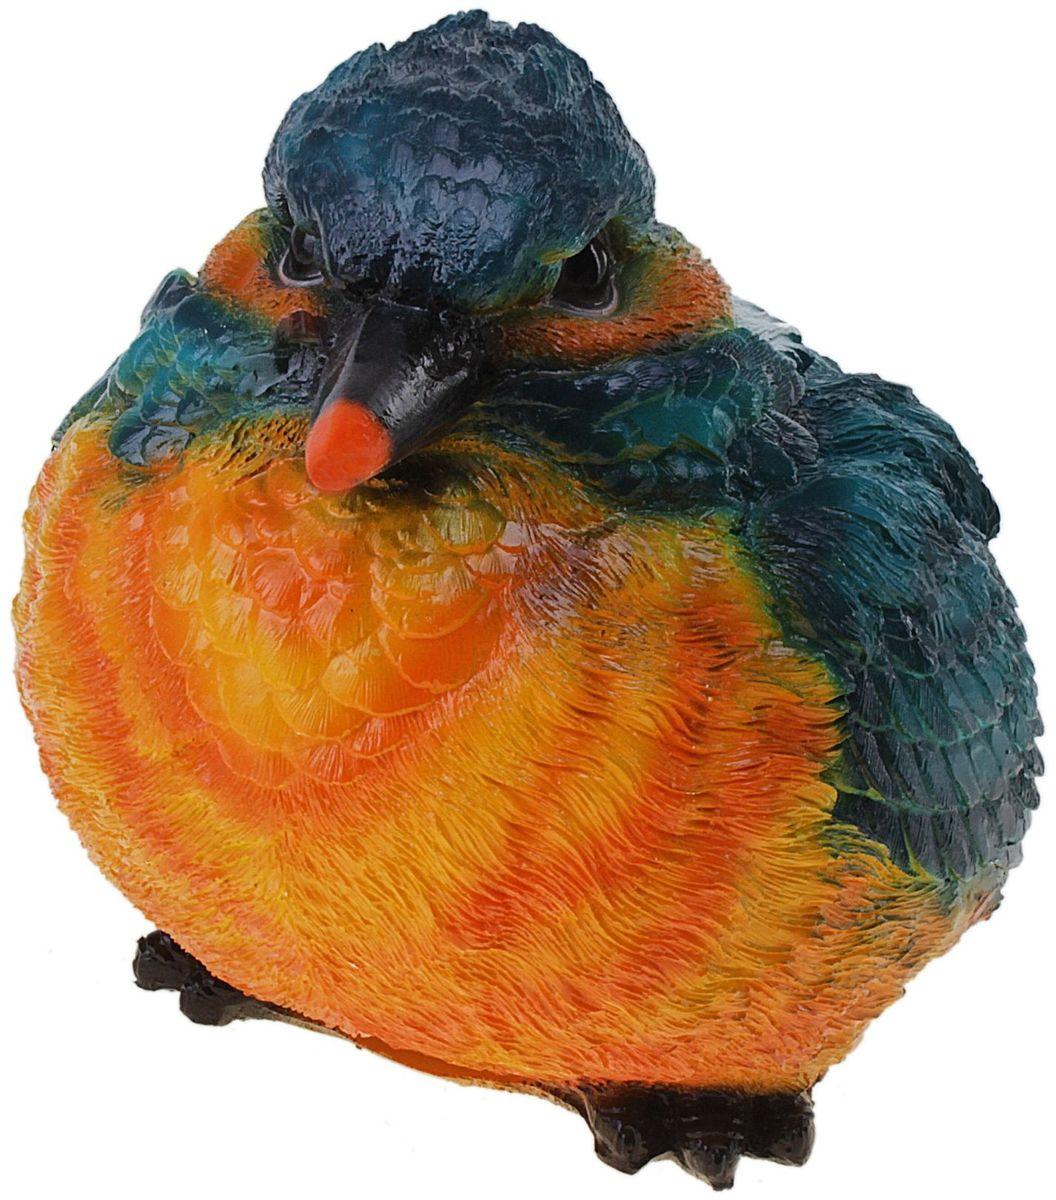 Фигура садовая Птица с оранжевой грудкой, 8 х 18 х 6 см631947Забавная птичка придаст садовому участку уют и оригинальность. Проявите себя в роли ландшафтного дизайнера. Расставляйте акценты с помощью садового декора: например, чтобы привлечь внимание к клумбе, поставьте фигуру рядом с ней, а чтобы приманить взор к водоему, располагайте голубков поближе к воде. Фигуры из гипса отличаются легкостью, экологичность и долгим сроком службы. При должном уходе они будут выглядеть как новые не один сезон. Сделайте садовый участок оригинальным.